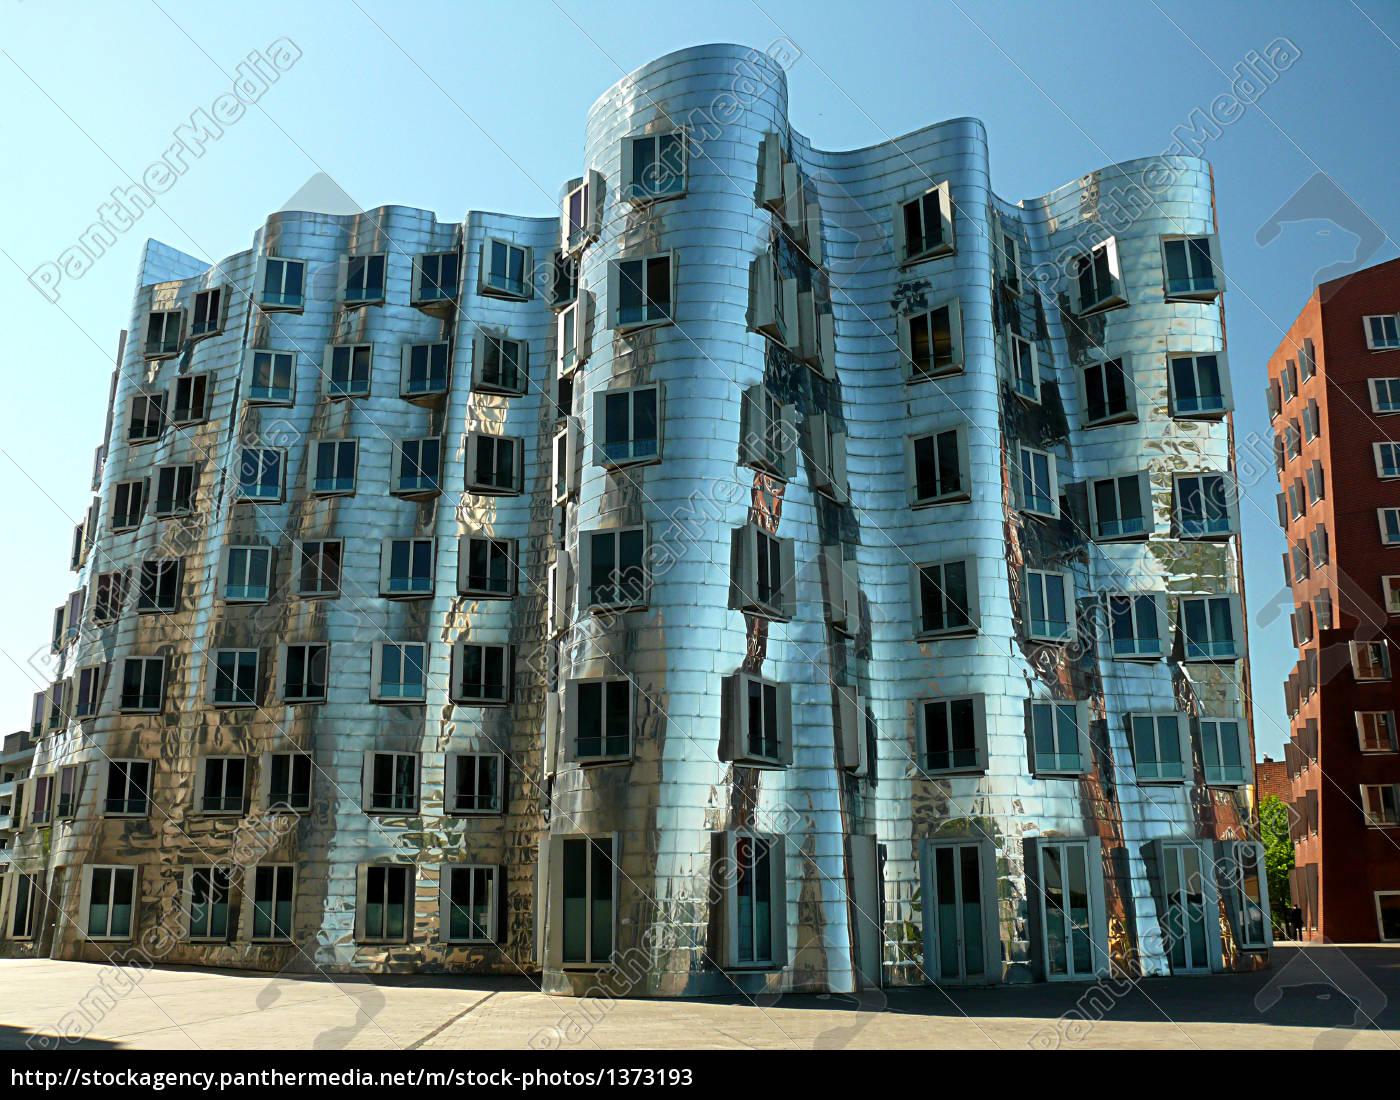 modern, architecture - 1373193